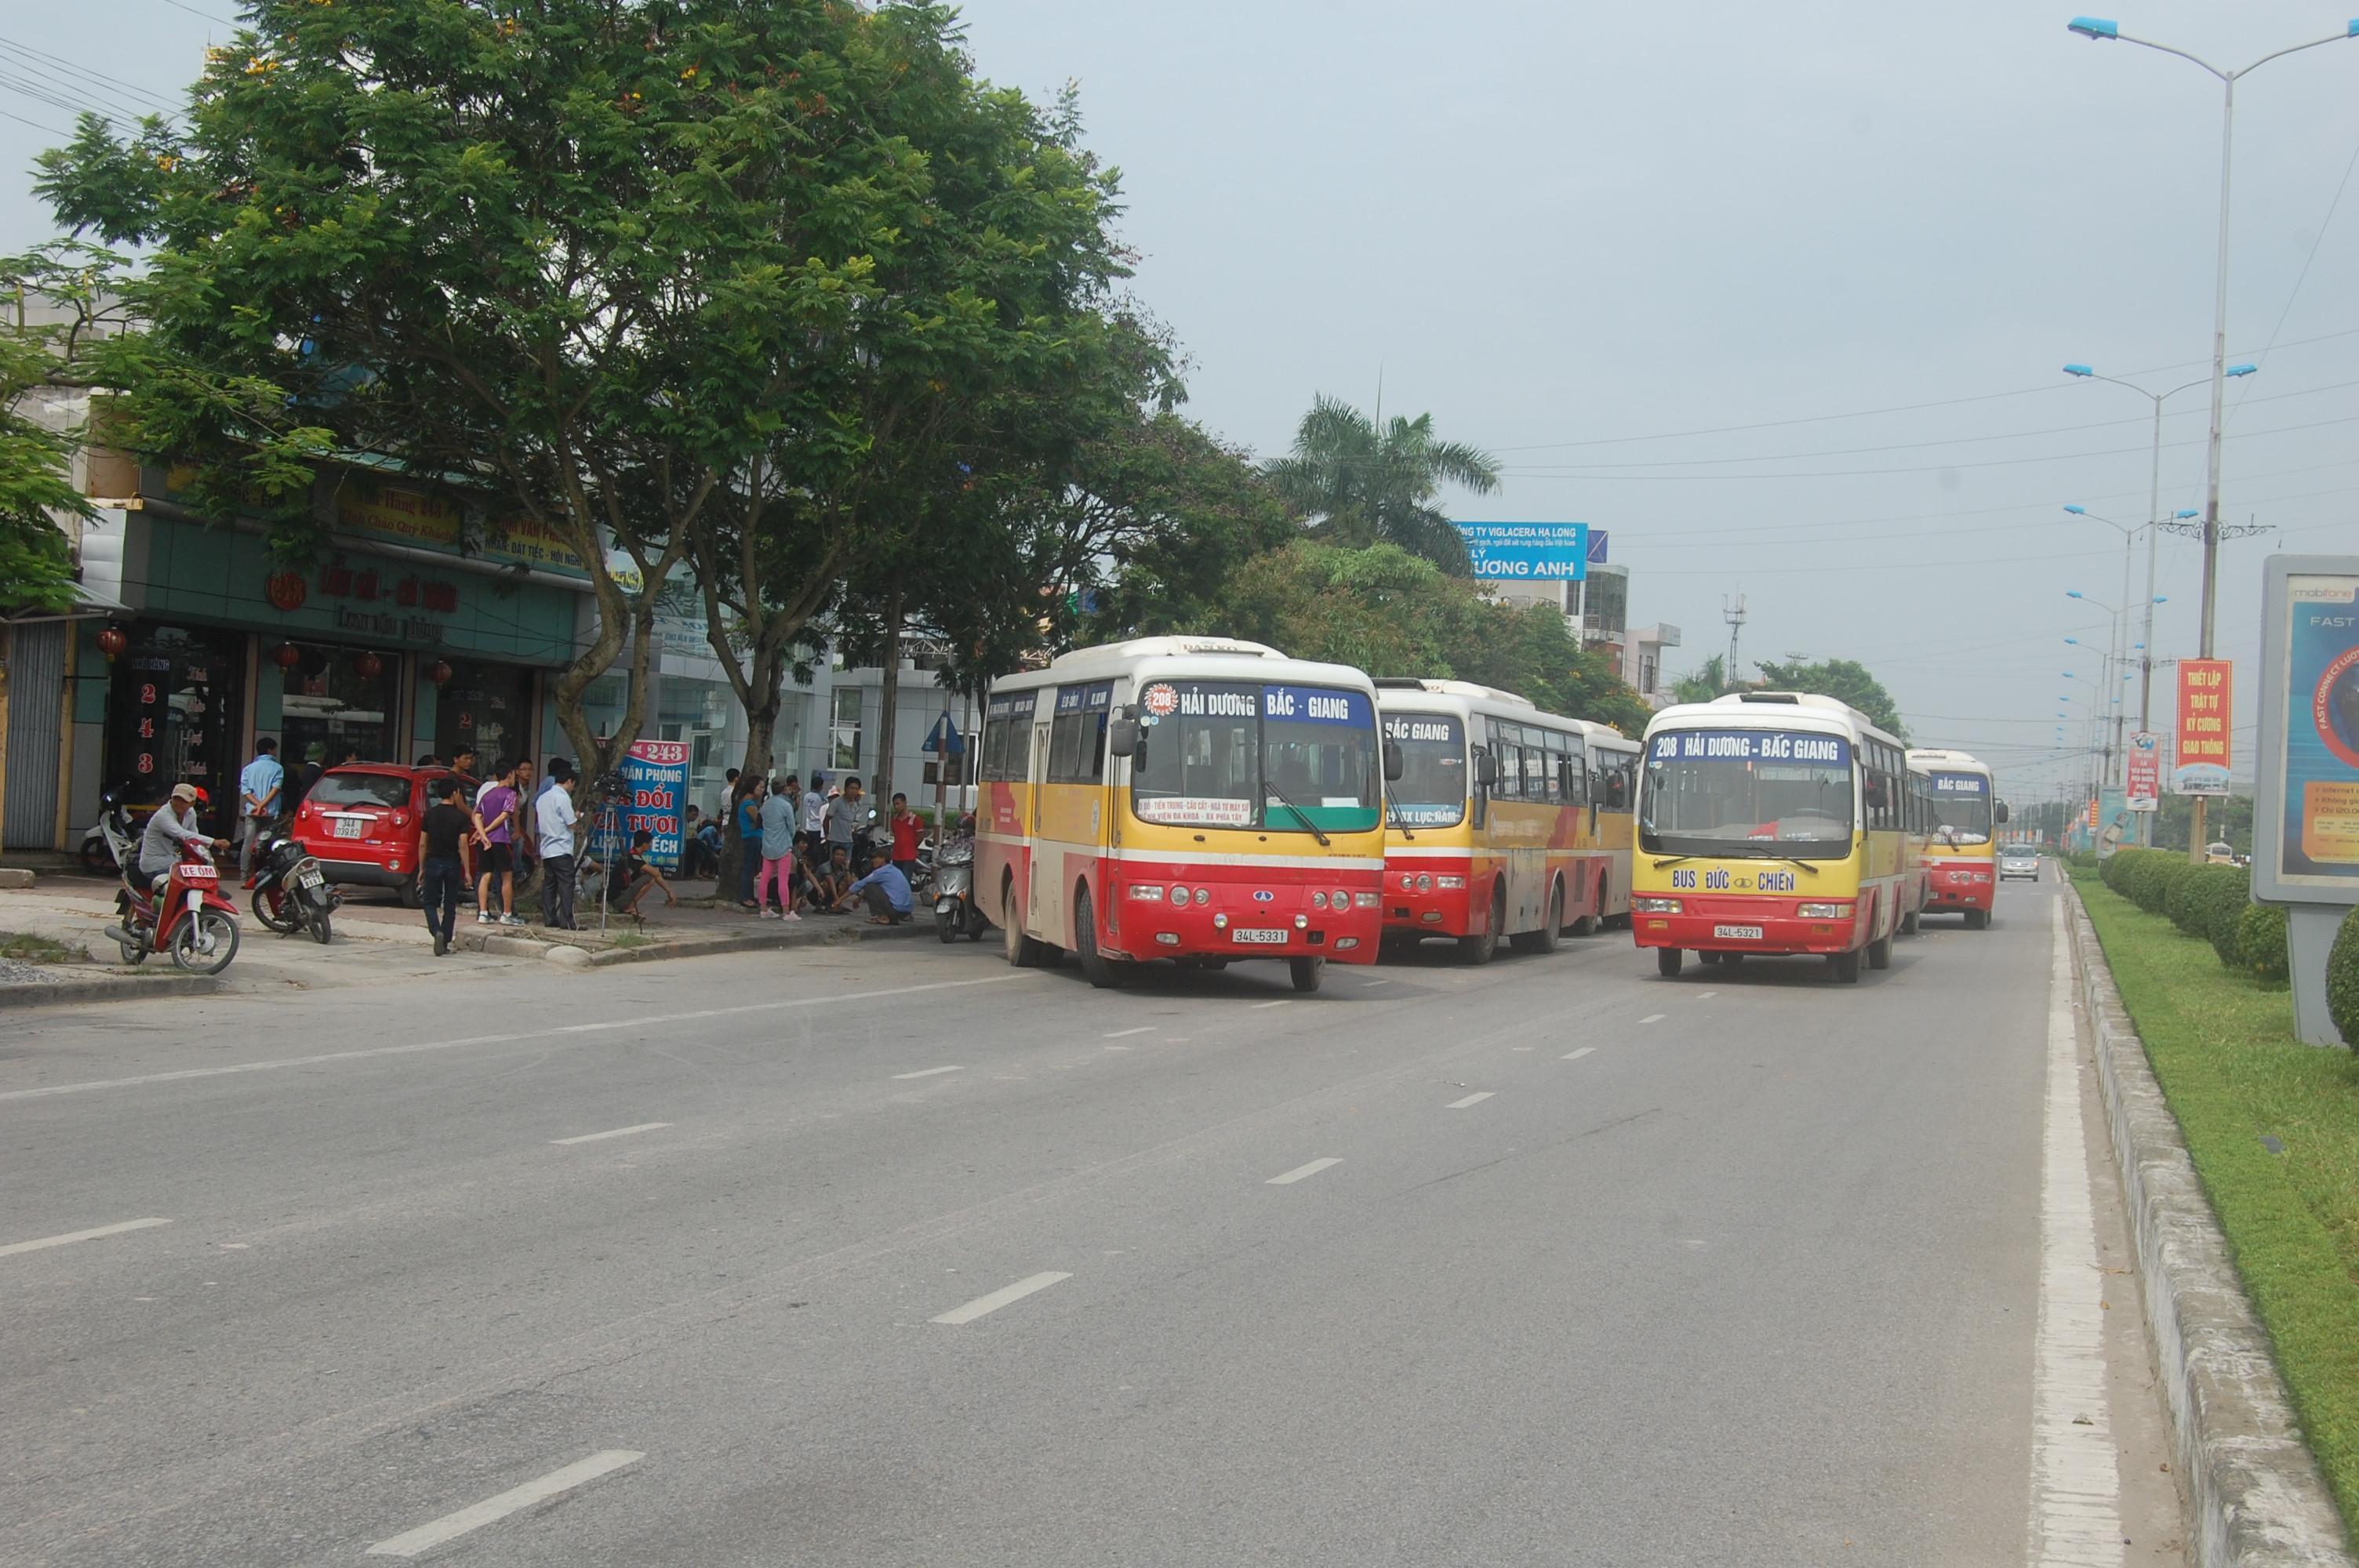 Hải Dương: Xe buýt bỏ tuyến nhưng Sở GTVT không xử lý? 1